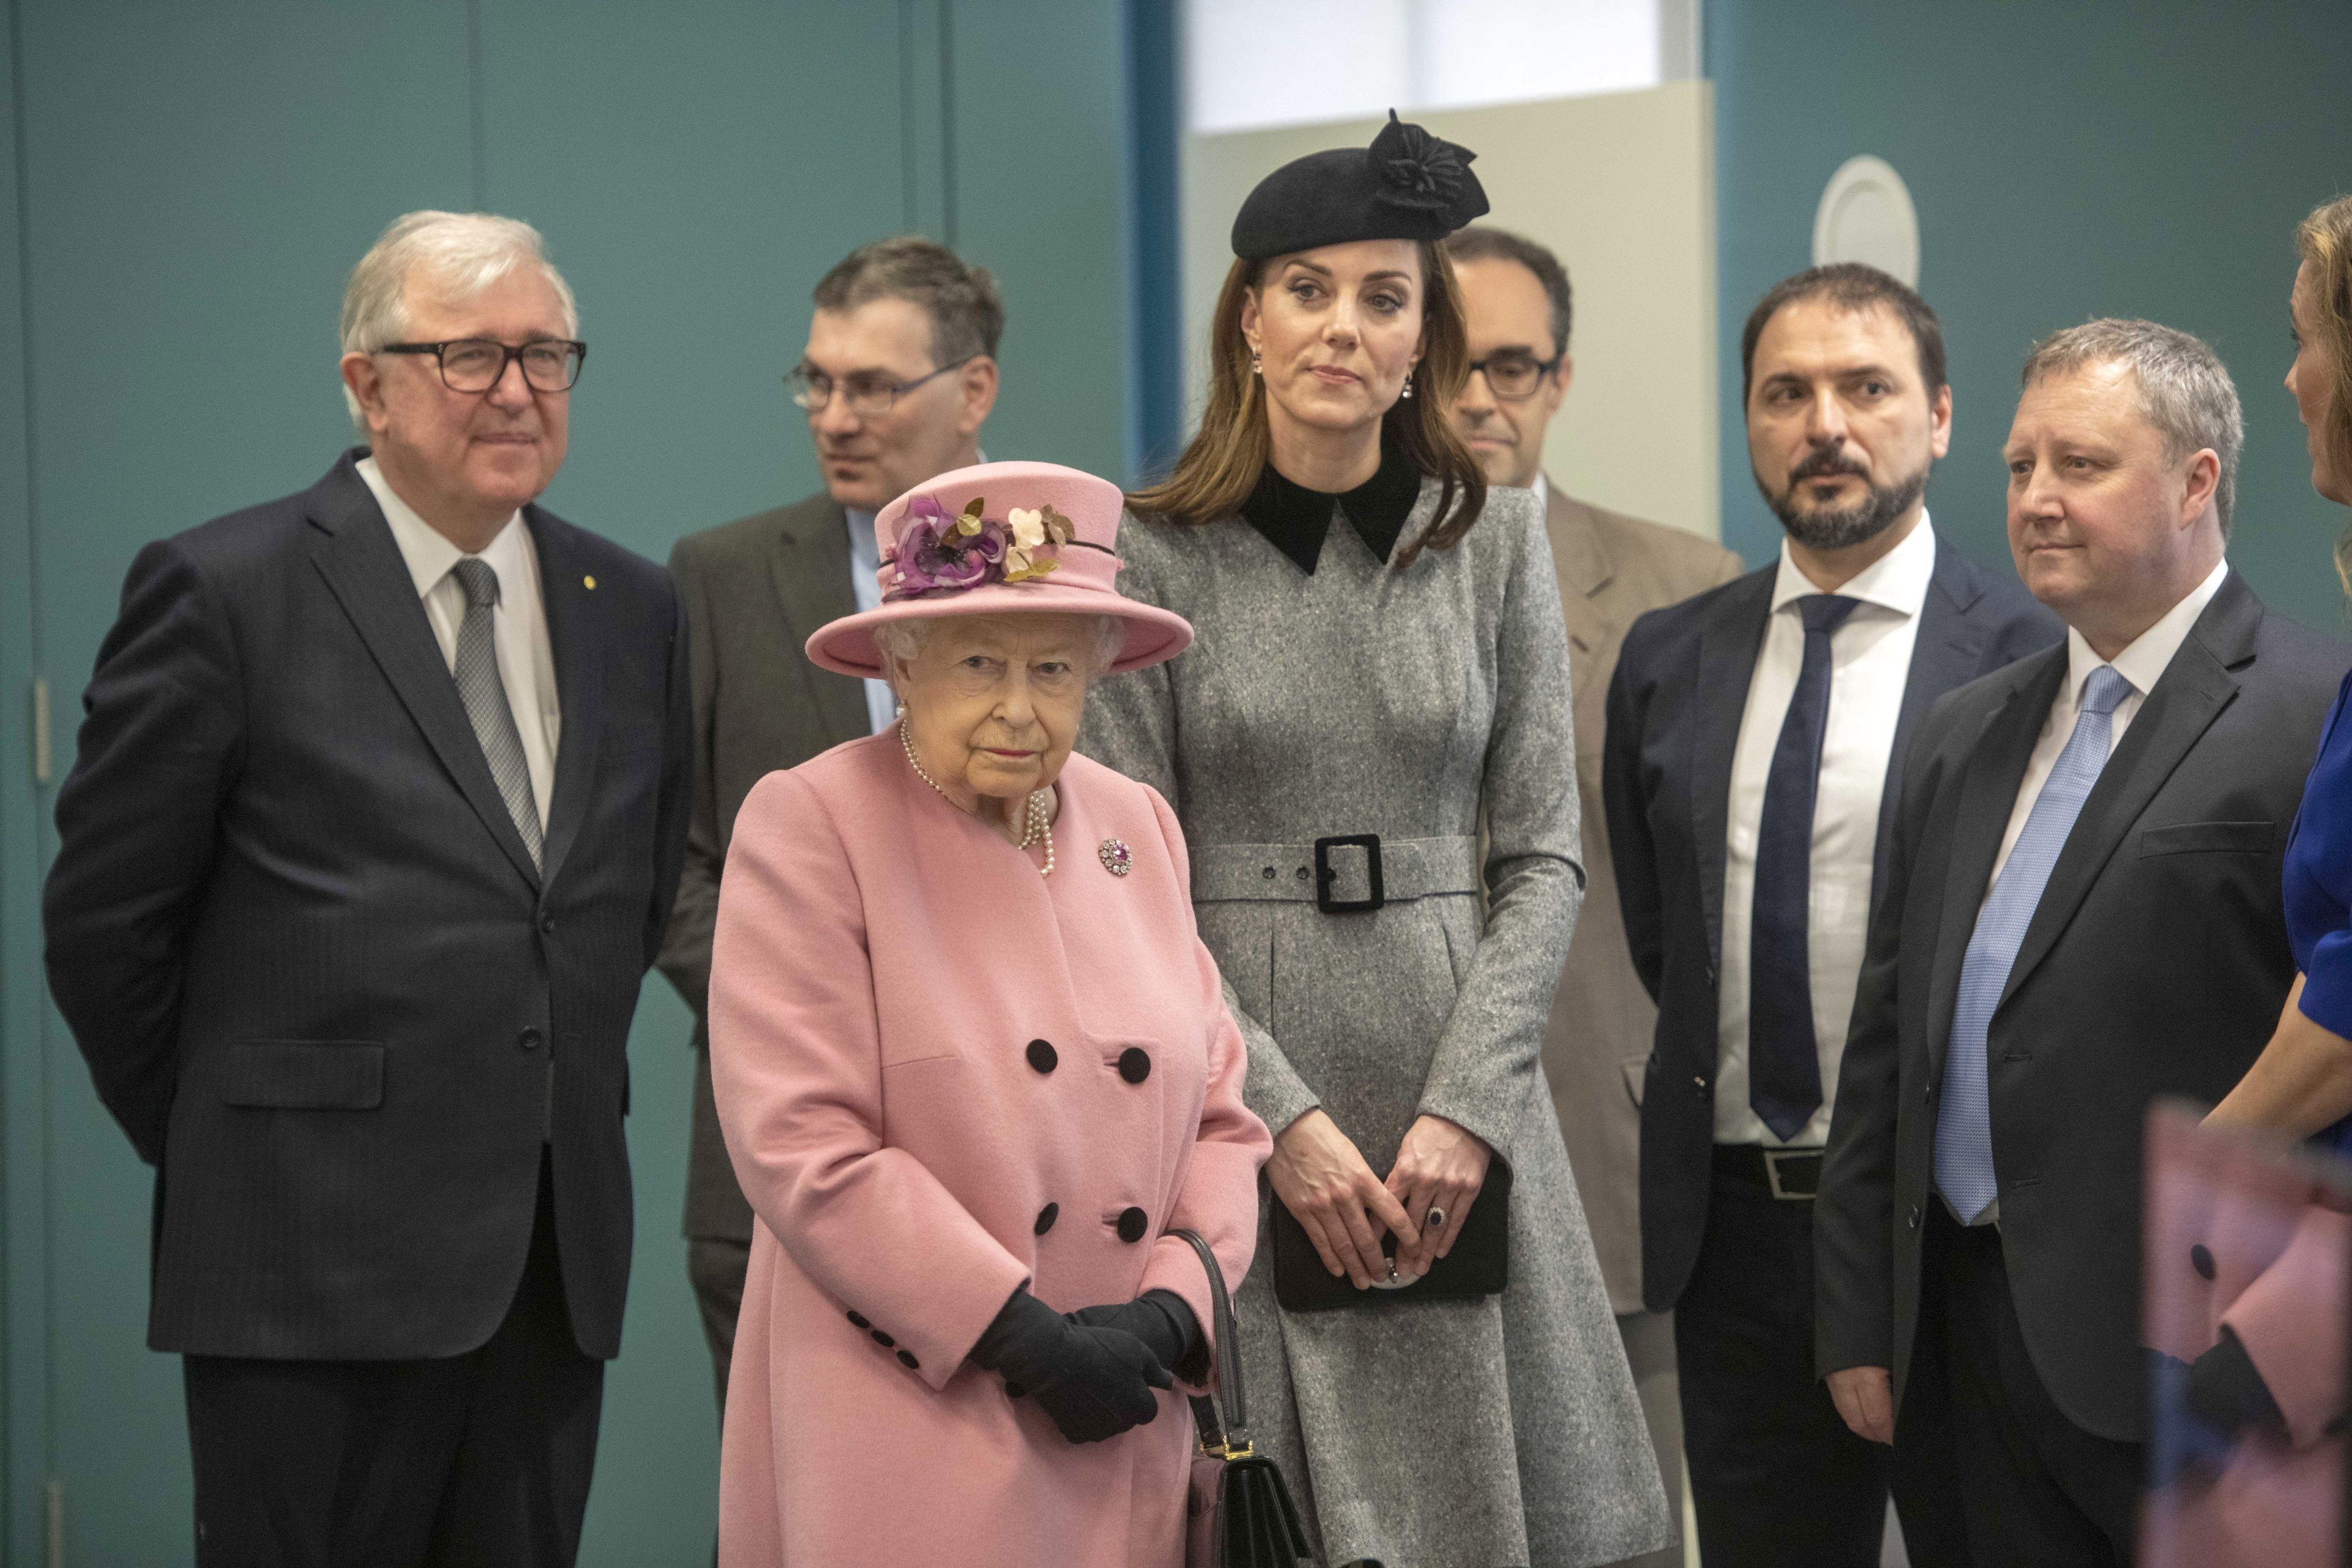 Dovada că Kate Middleton este preferata Reginei Elisabeta! Ce a făcut suverana pentru Ducesa de Cambridge